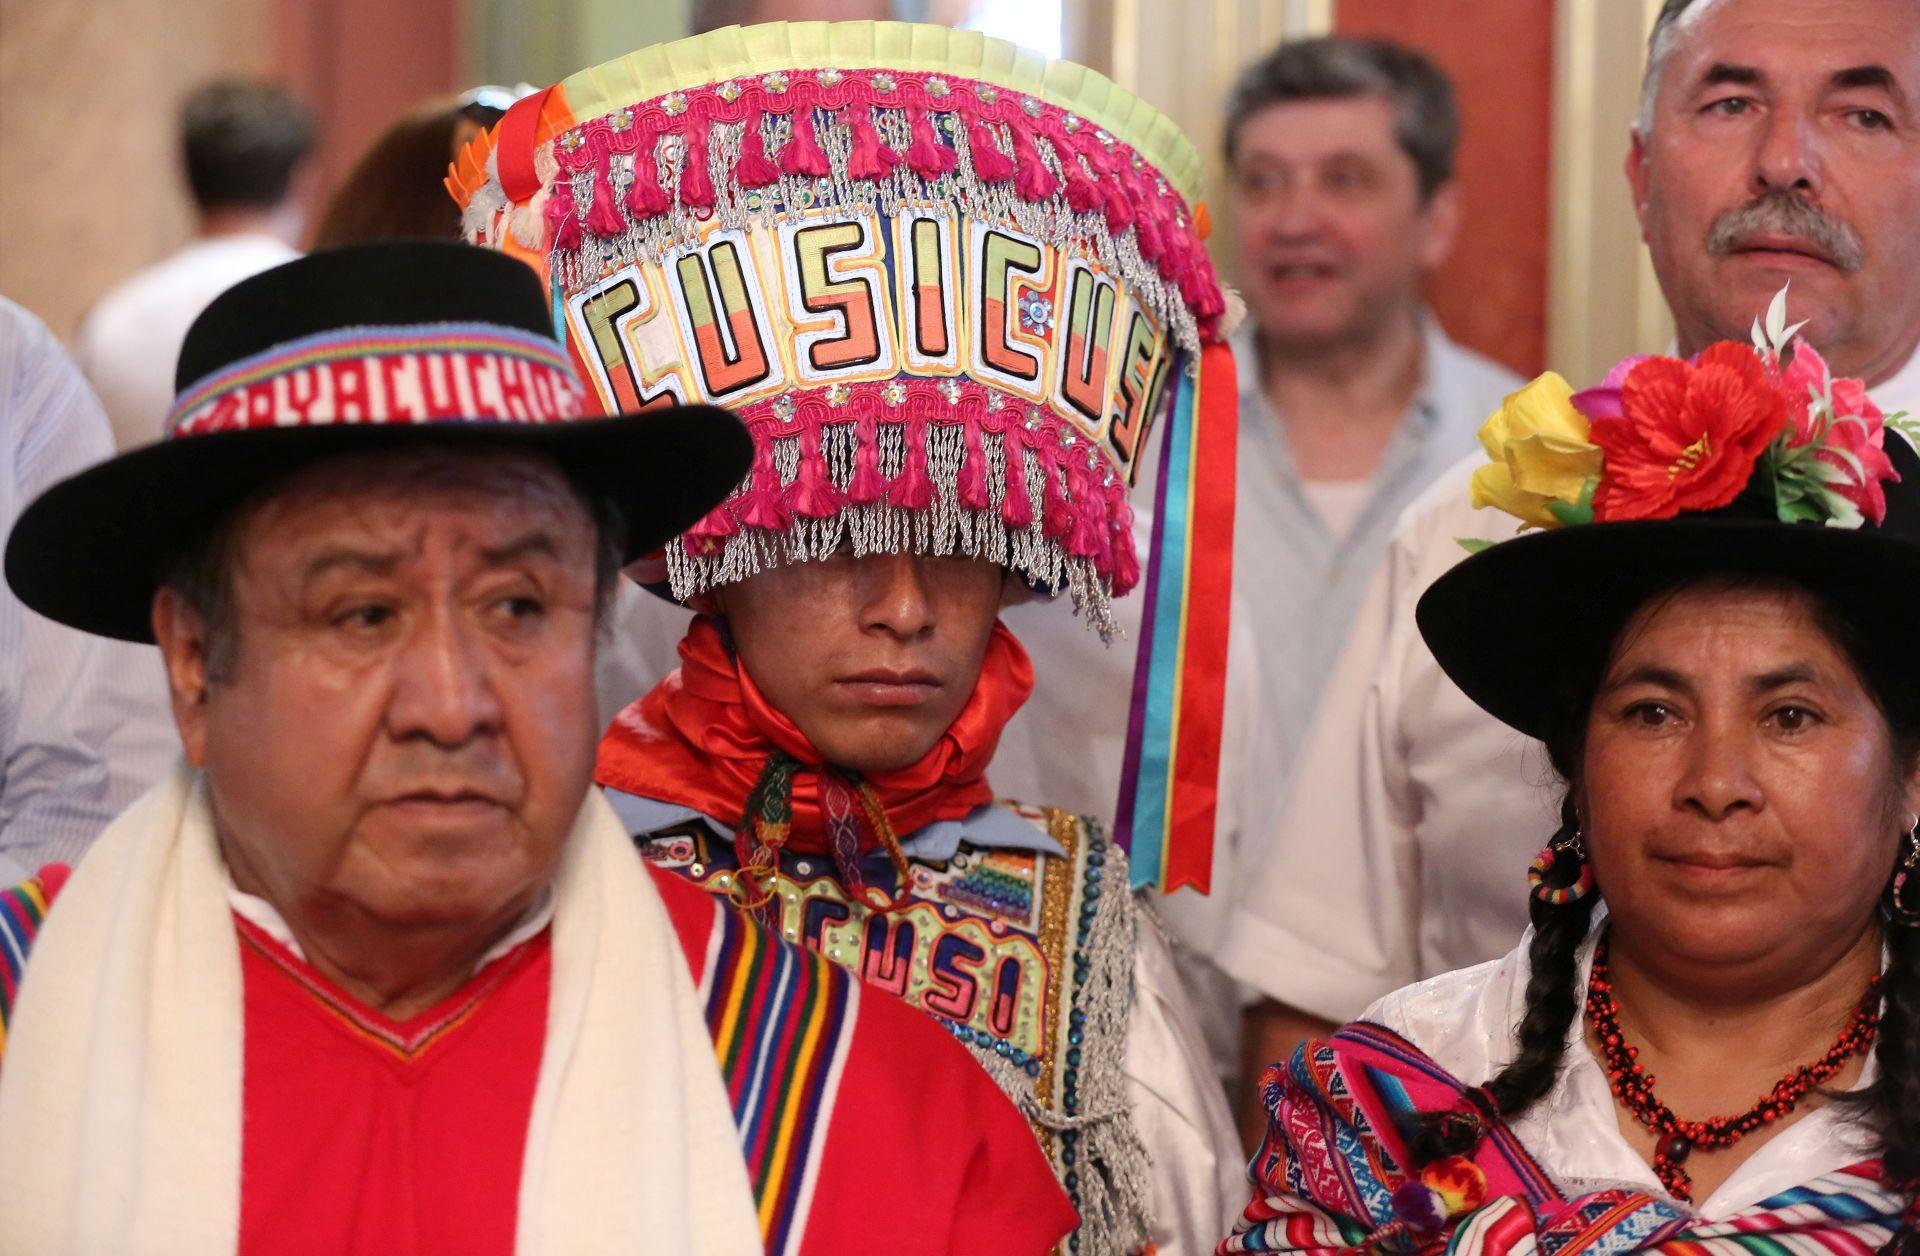 Folkloraši od Kurdistana do Perua u gornjogradskoj palači Dverce